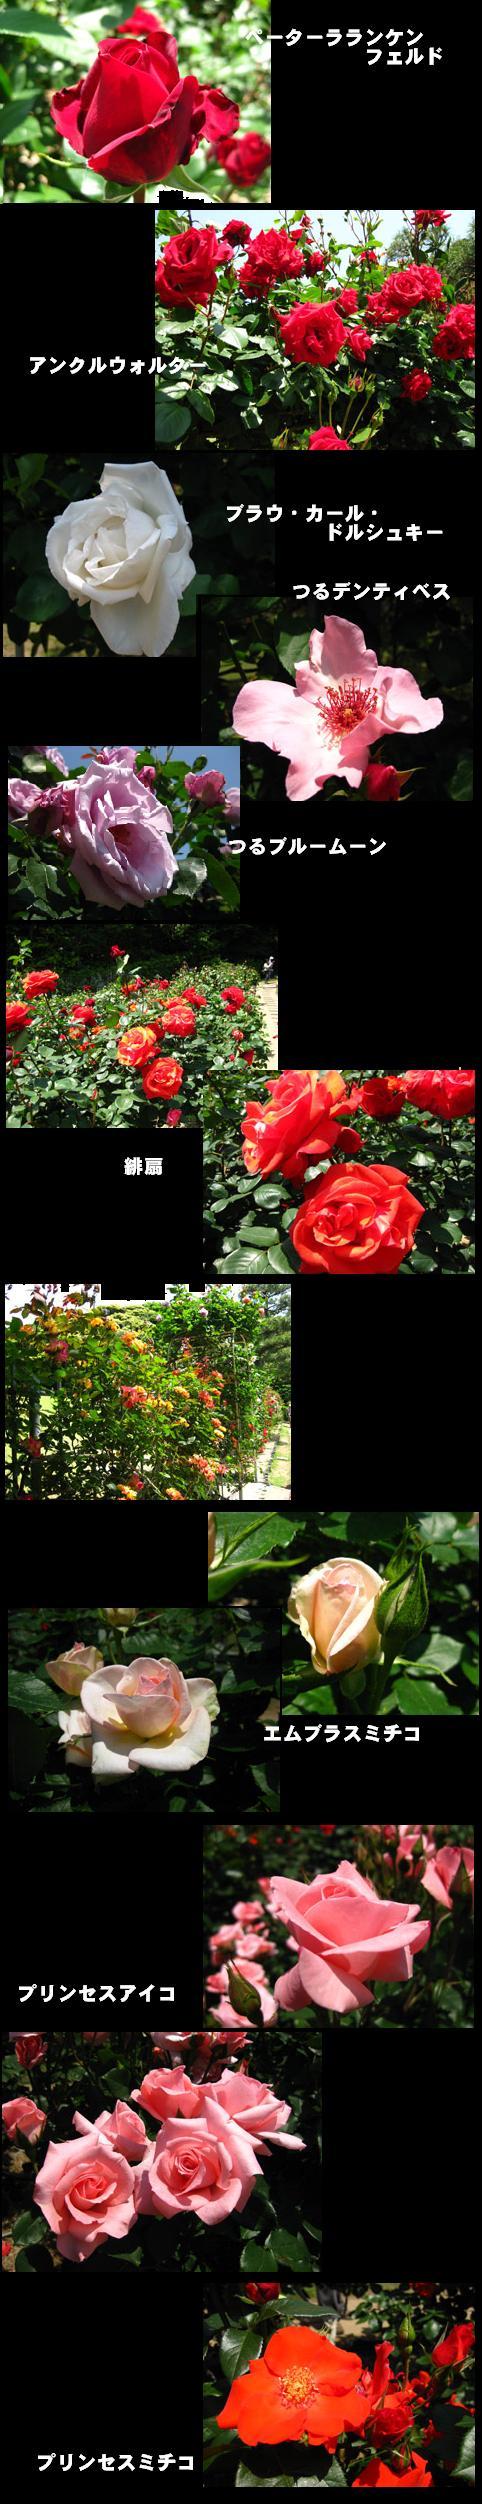 f0110488_16392058.jpg